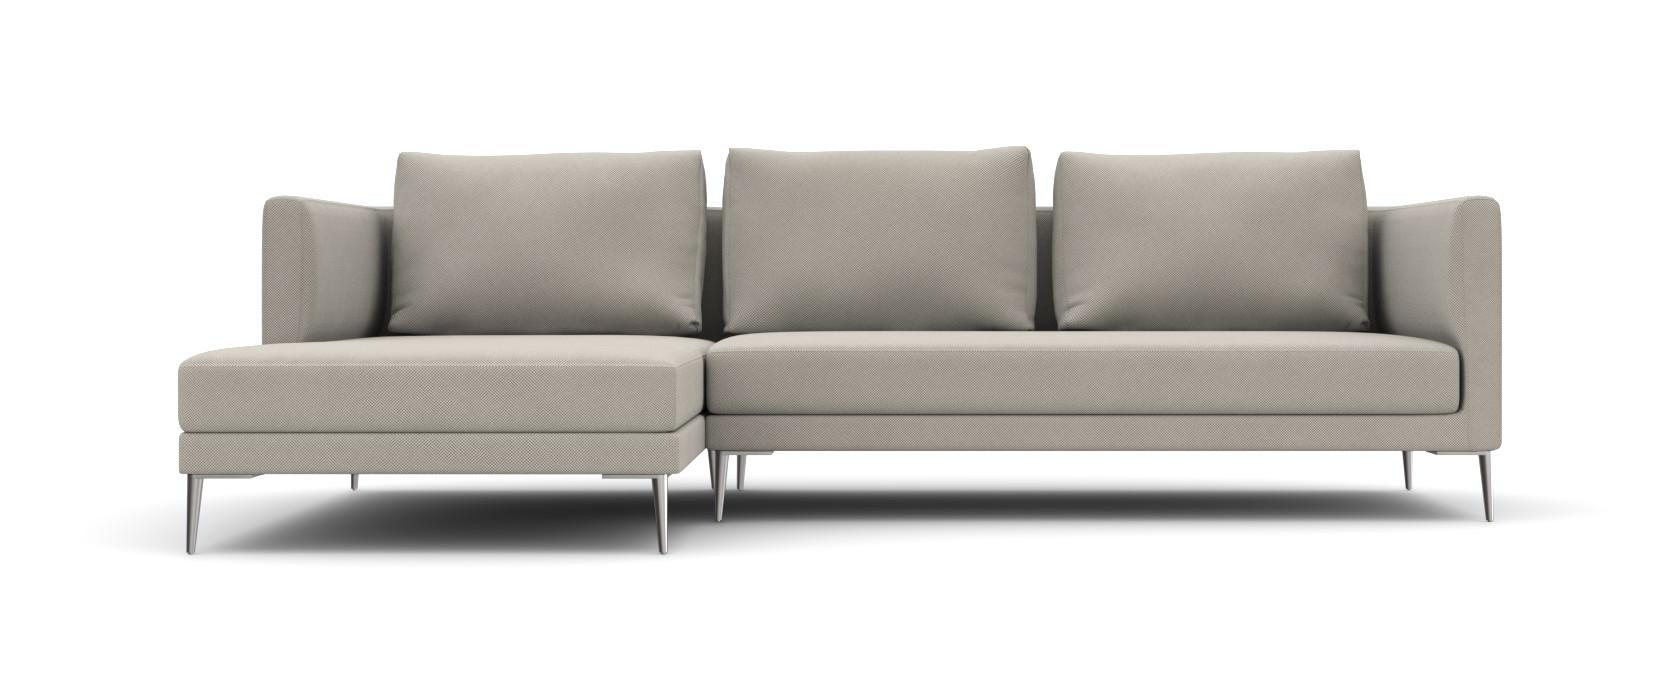 Кутовий диван Augusto - Pufetto